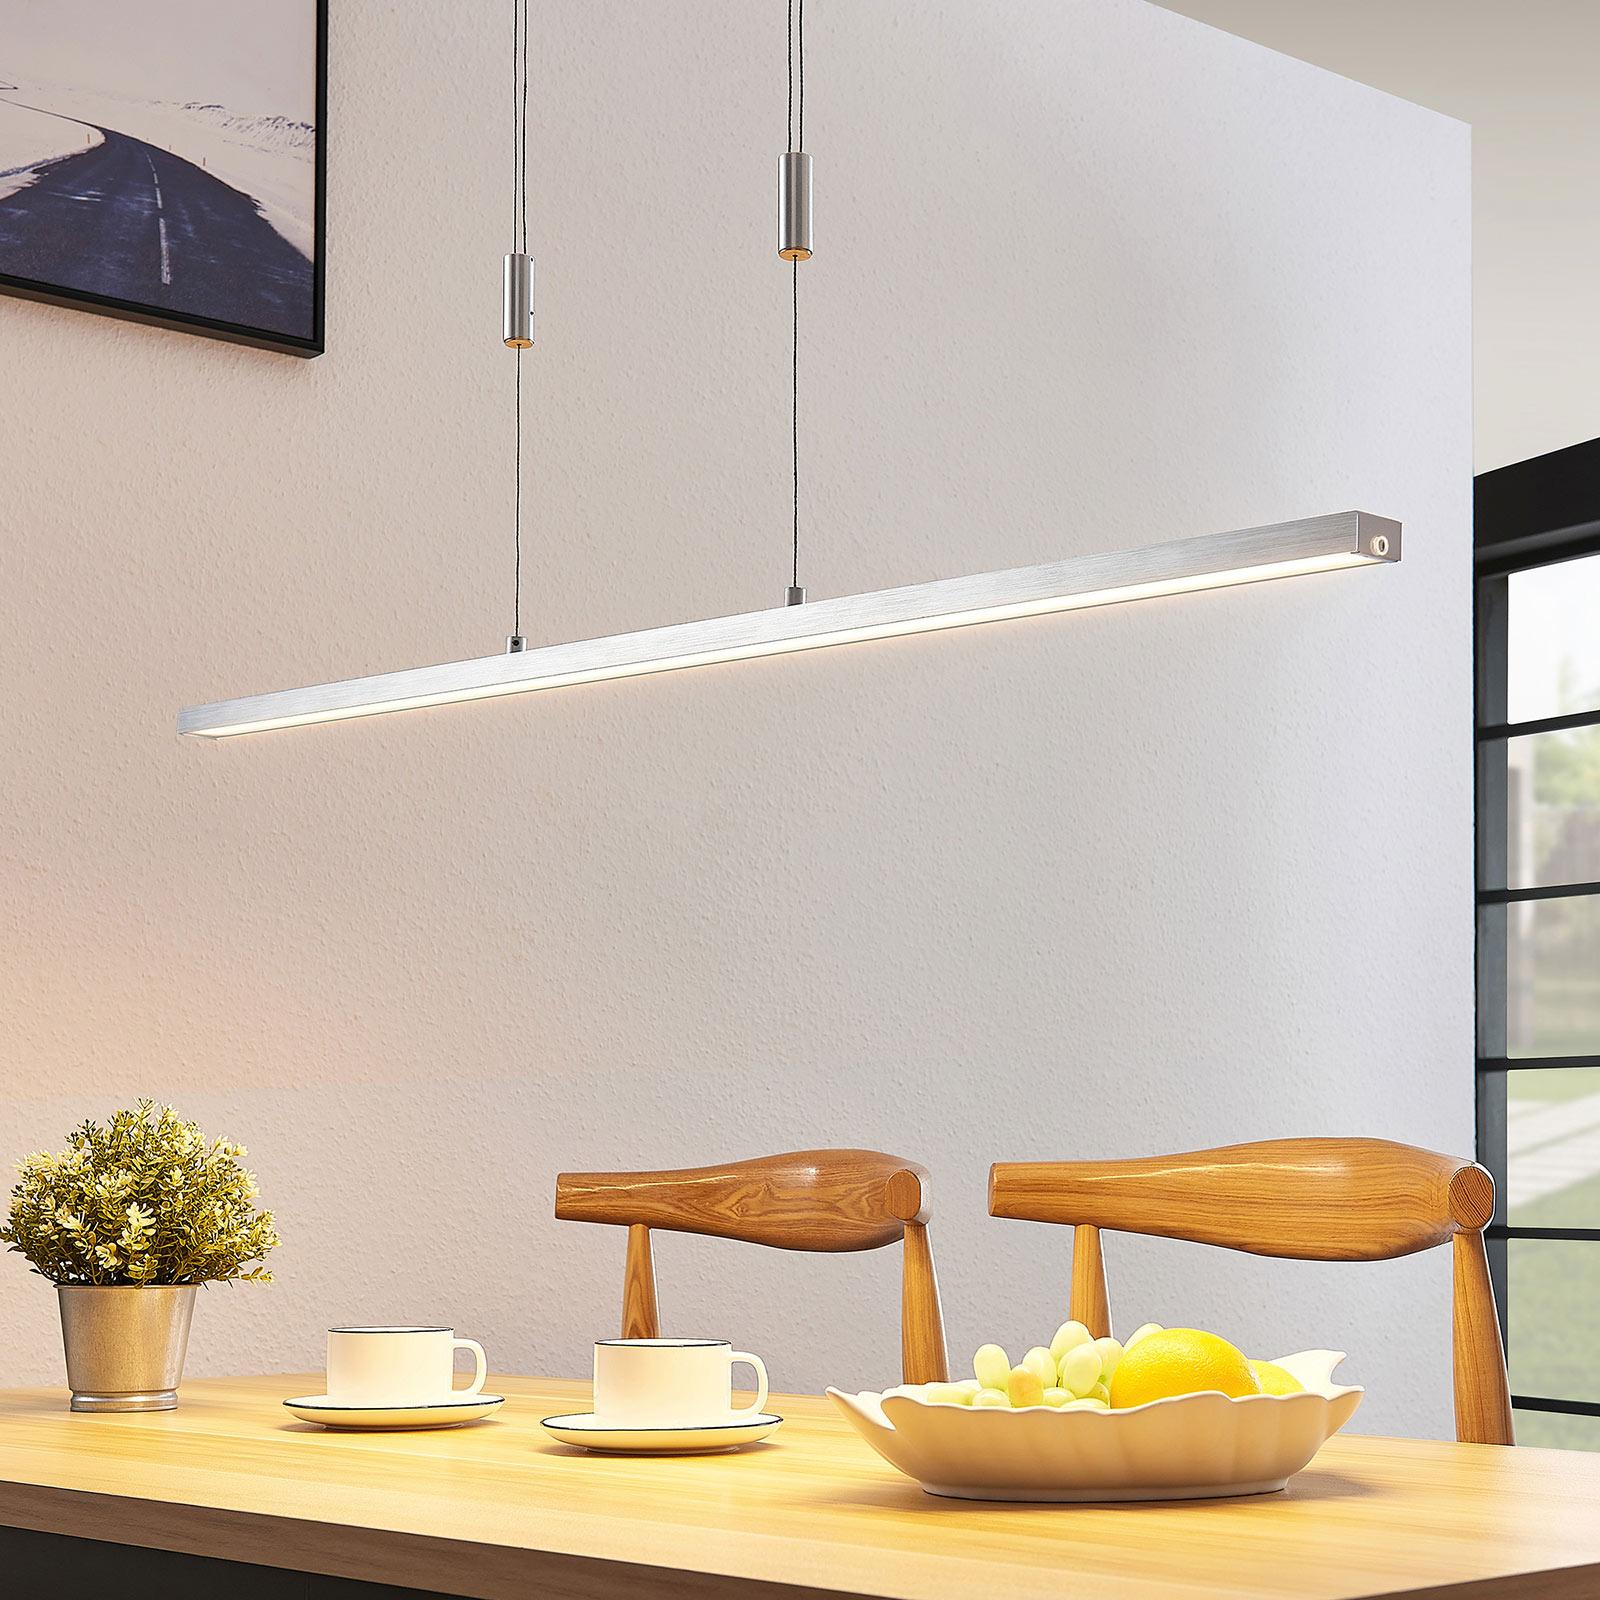 Lucande Myron lampa wisząca LED ze ściemniaczem